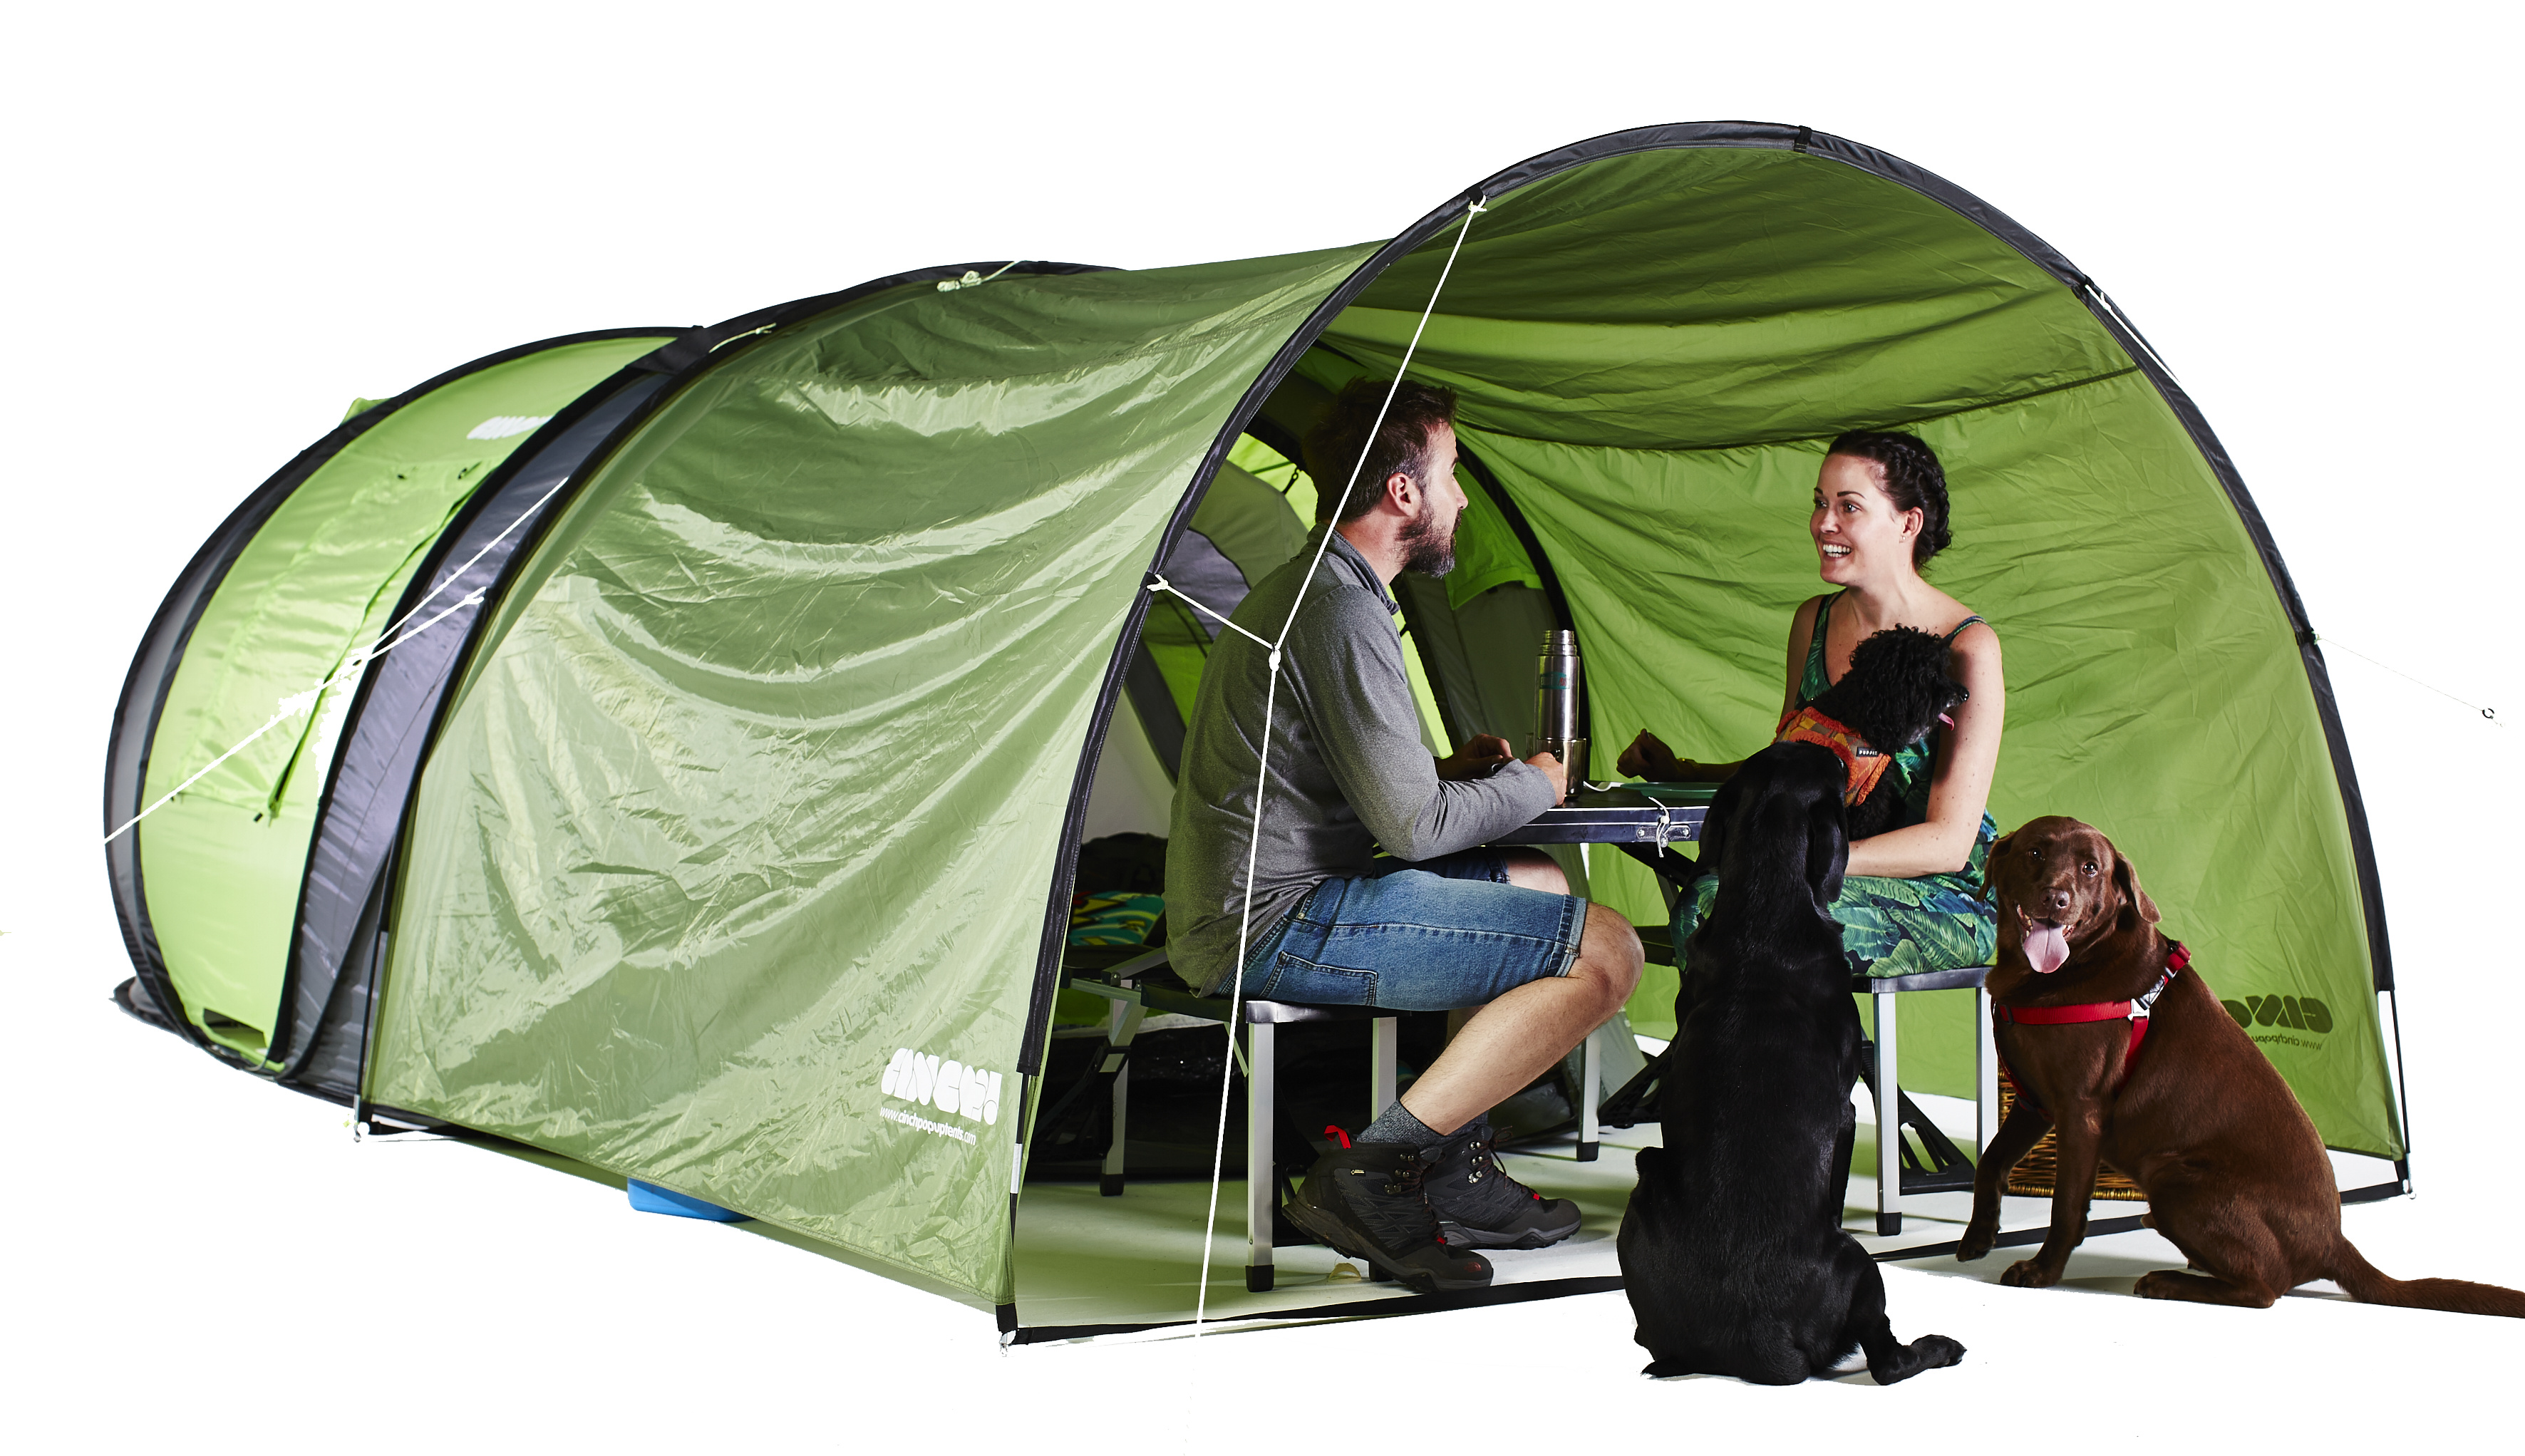 組み立て不要で快適で楽にキャンプが楽しめるポップアップテントCinch!_2